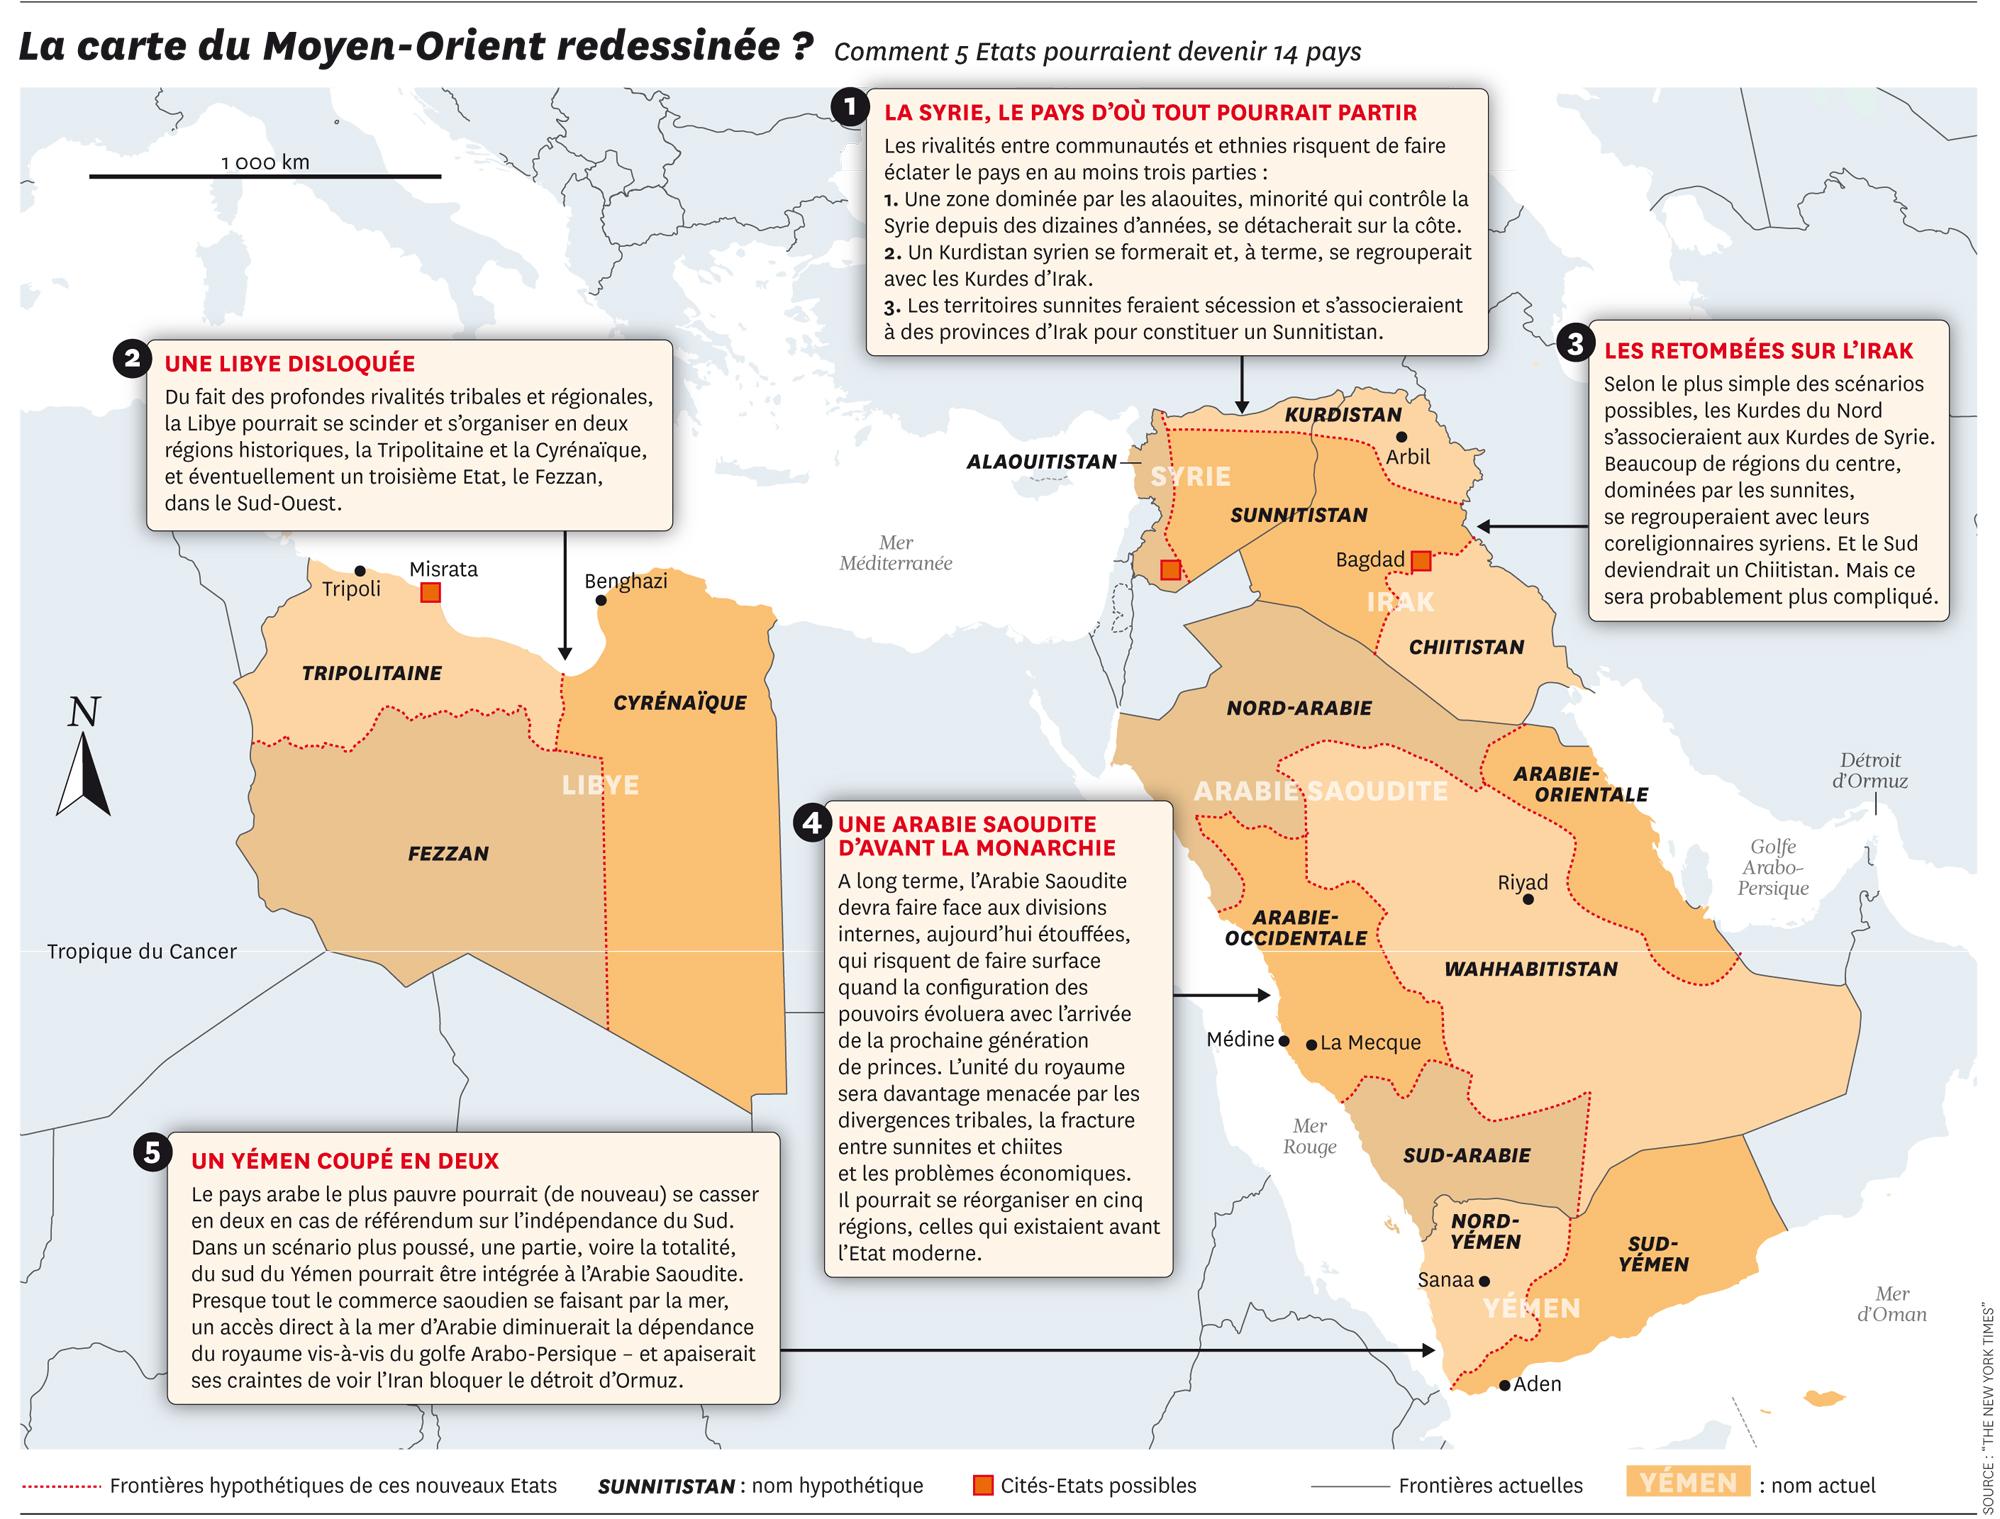 Nouvelle Carte Moyen Orient